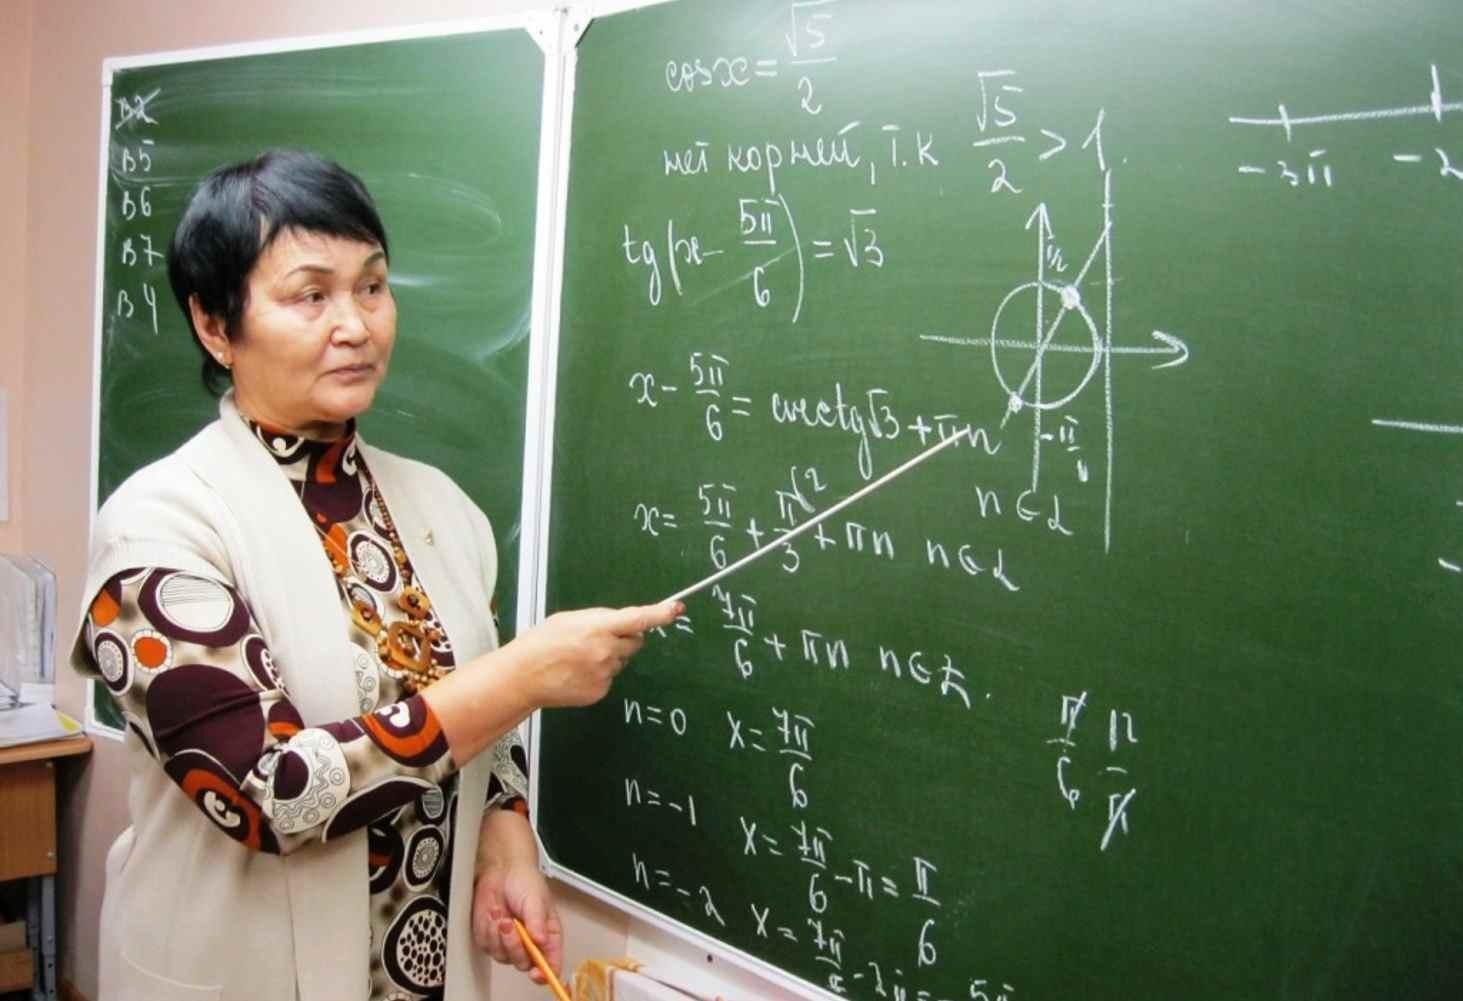 za-oskorblenie-pedagoga-v-kazahstane-budut-shtrafovat-i-sazhat